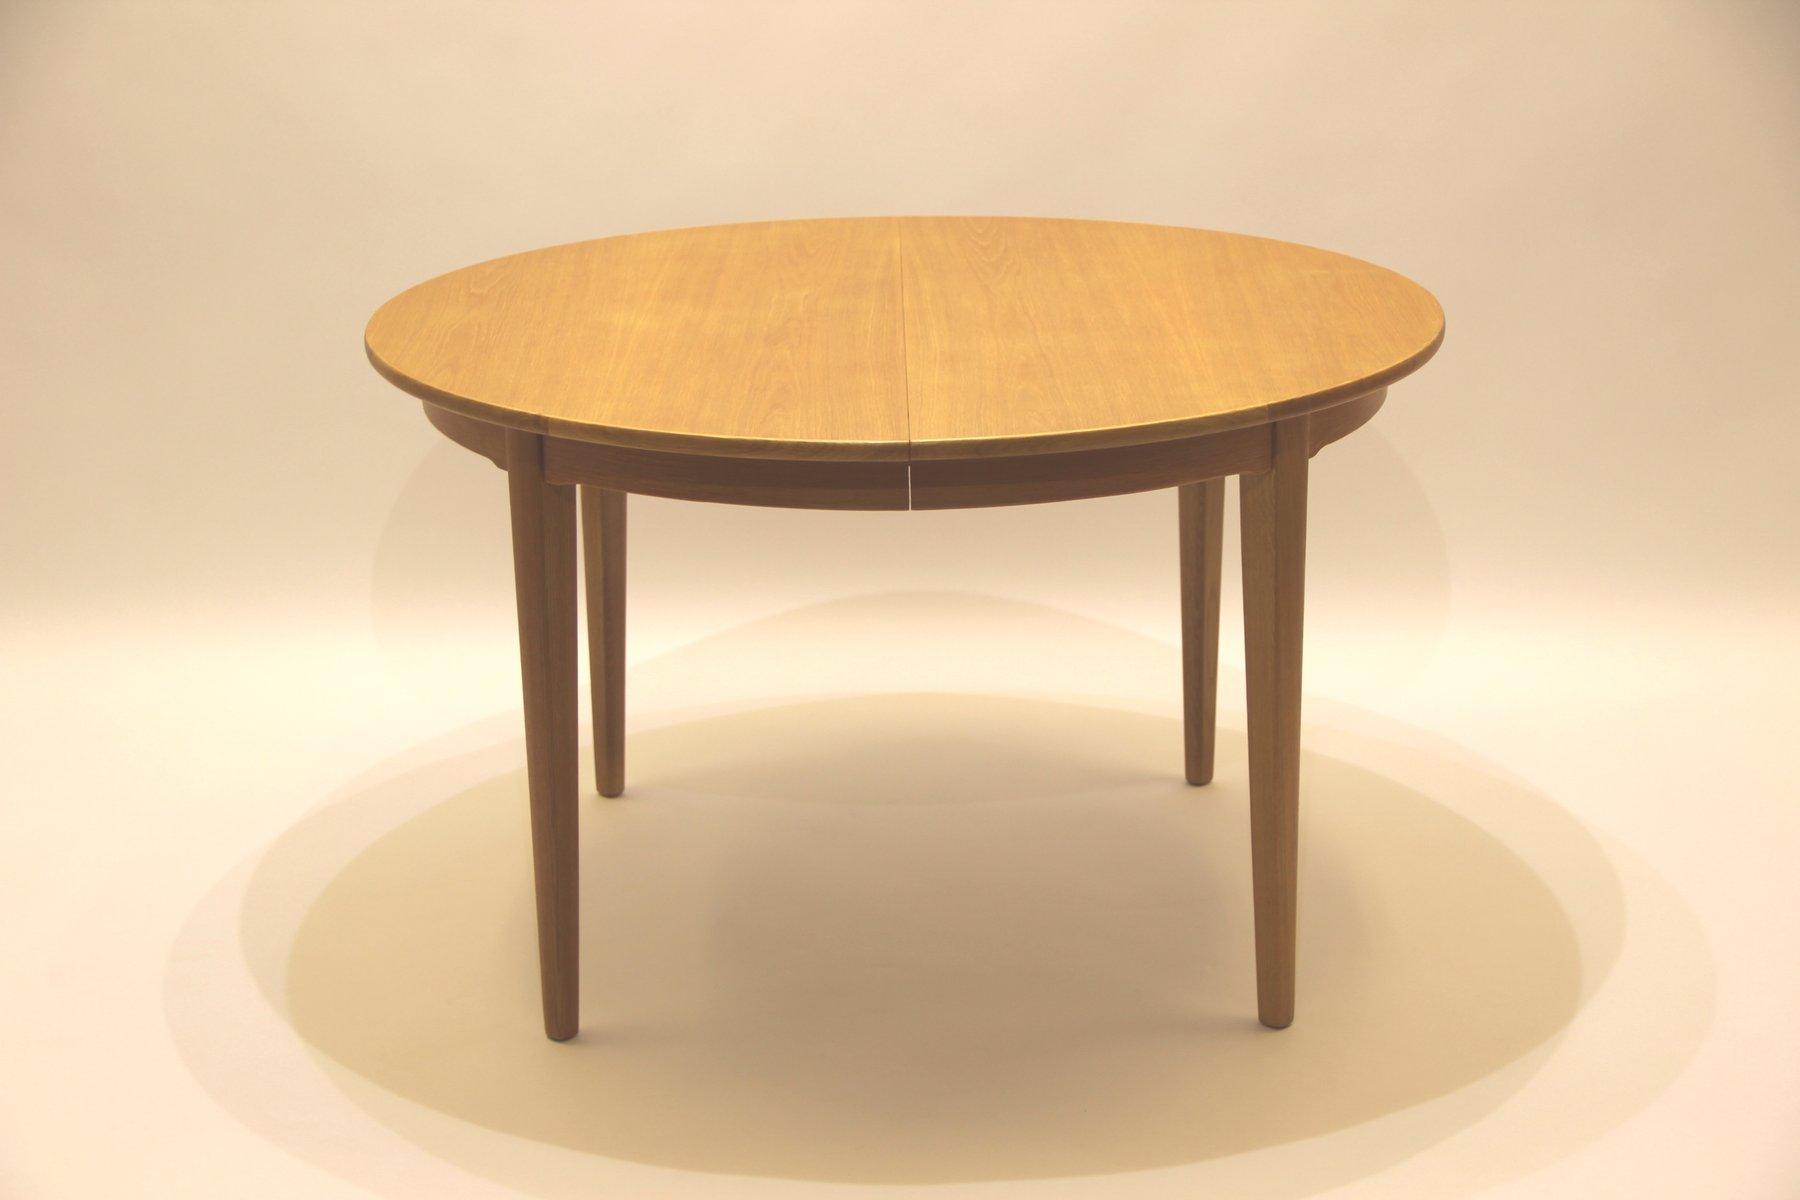 Vintage Model 55 Oak Dining Table from Omann Jun for sale  : vintage model 55 oak dining table from omann jun 1 from www.pamono.co.uk size 1800 x 1200 jpeg 55kB